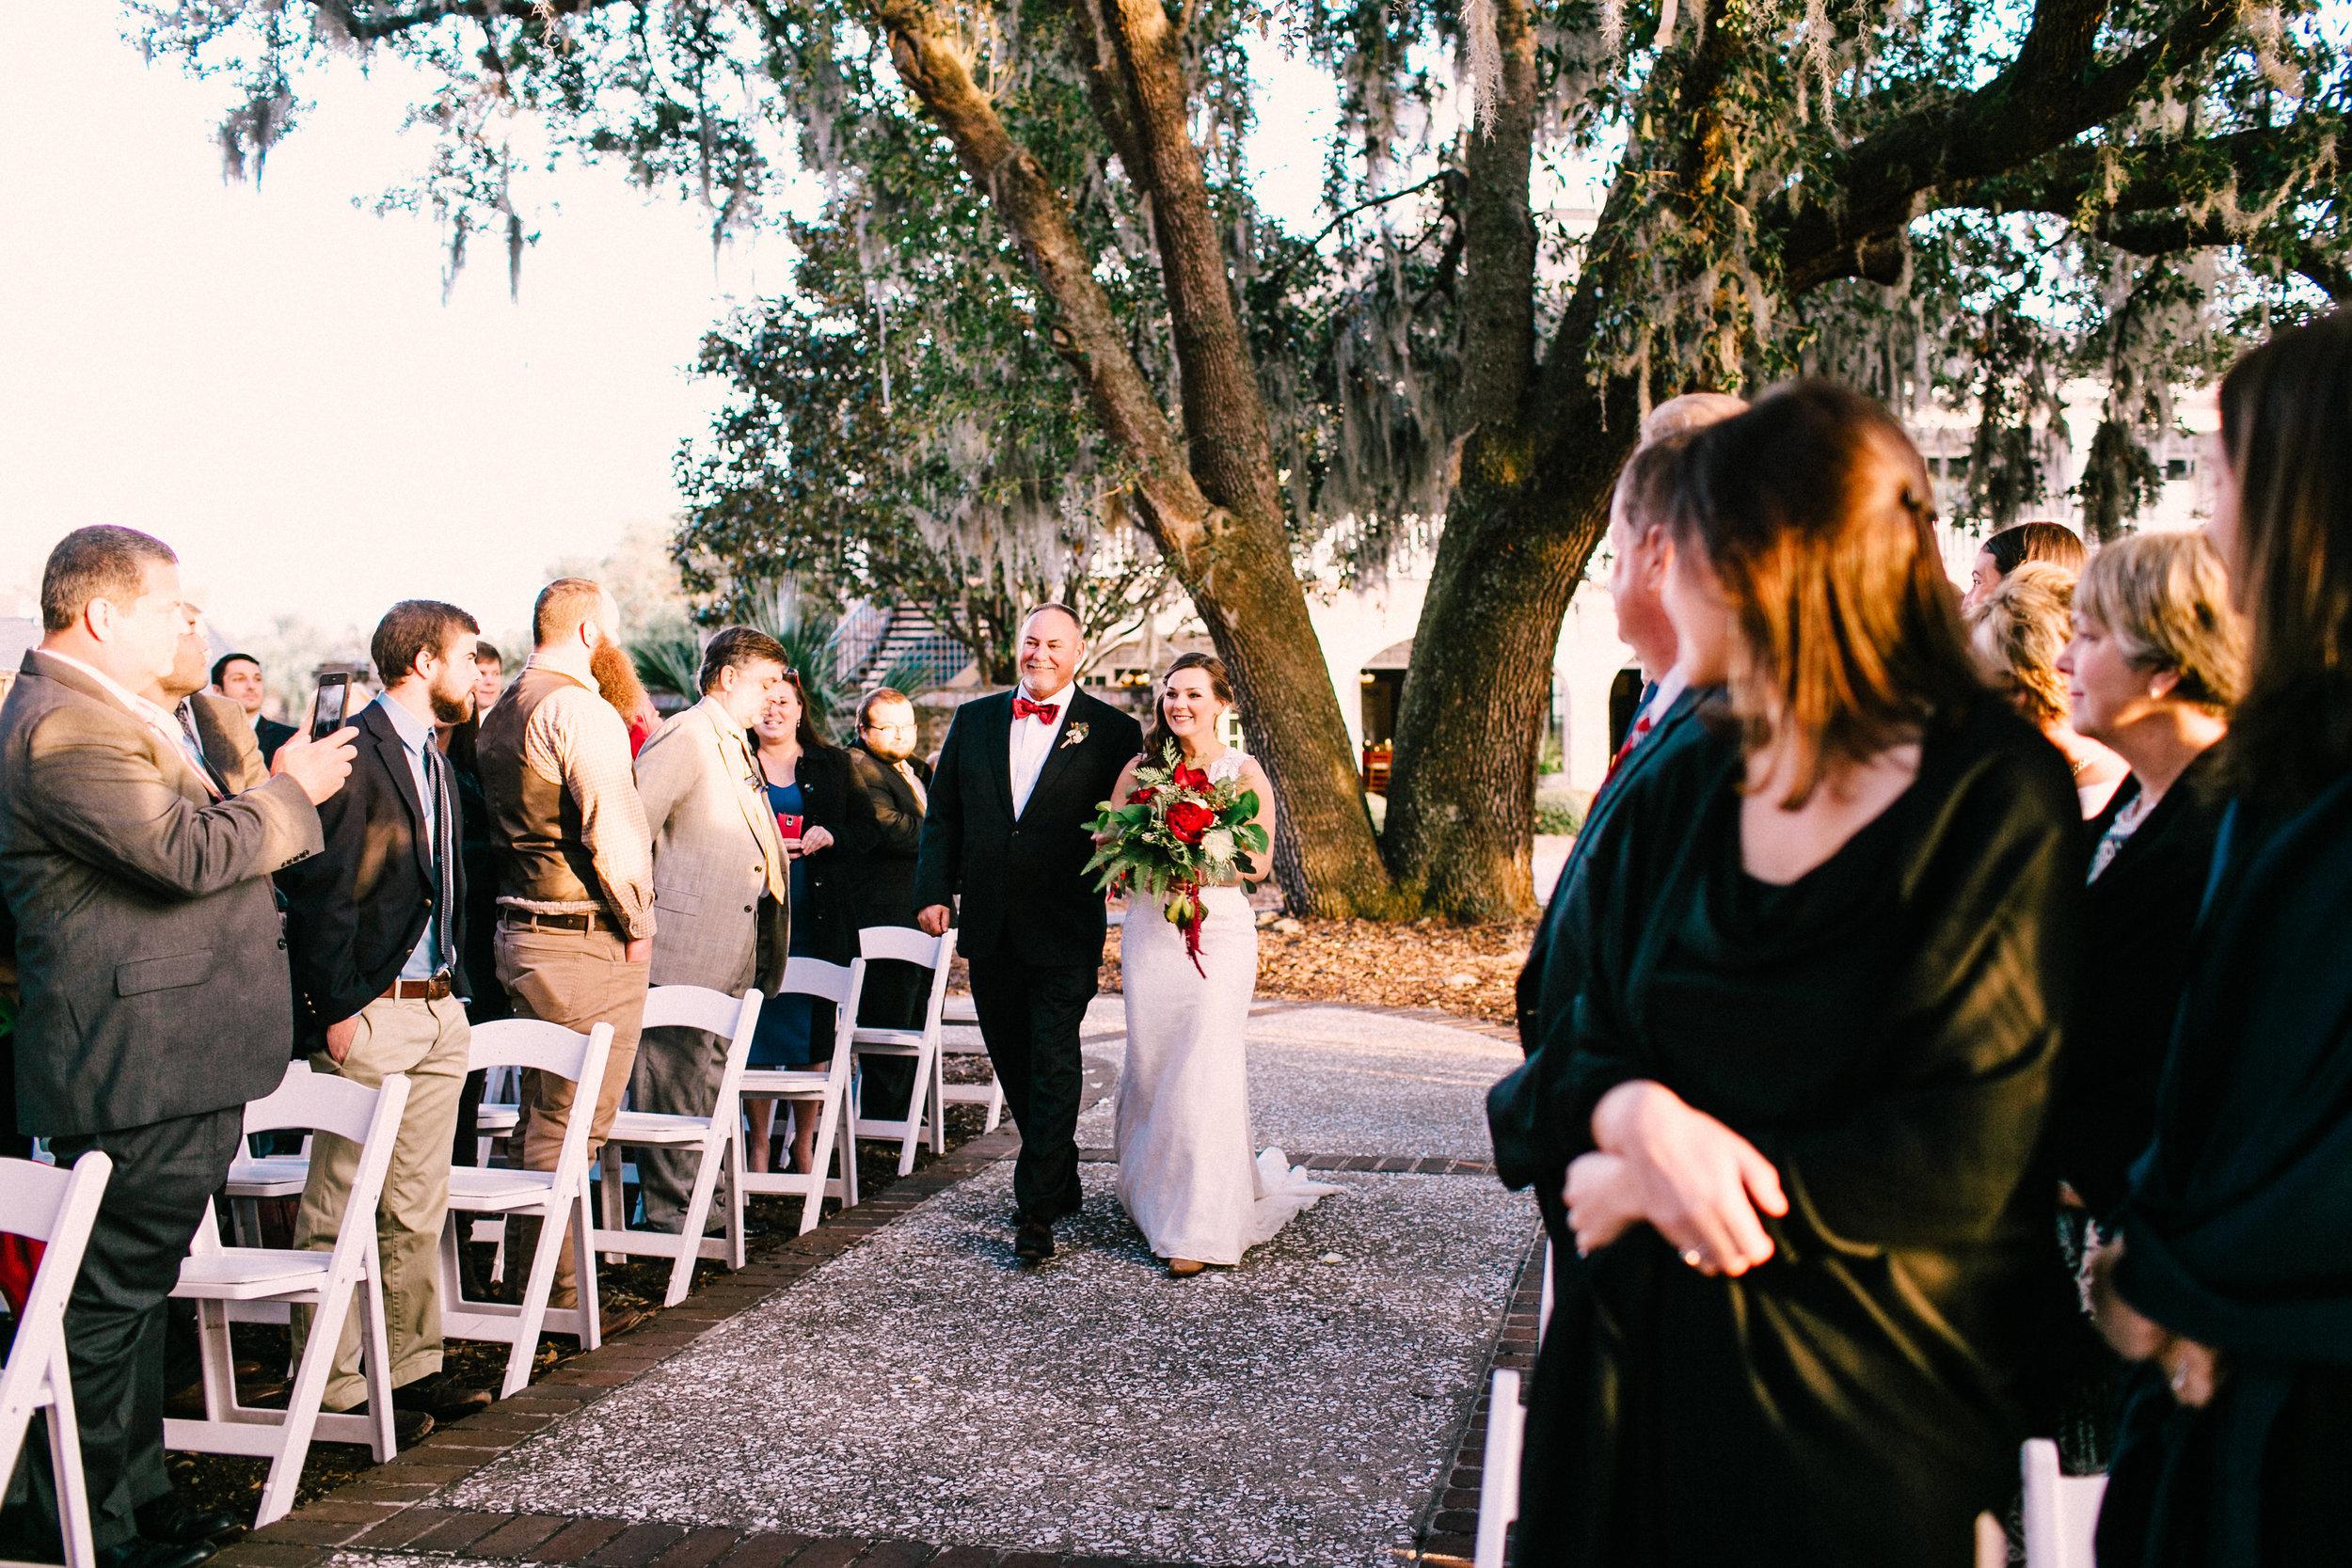 dunes-west-wedding-16.jpg